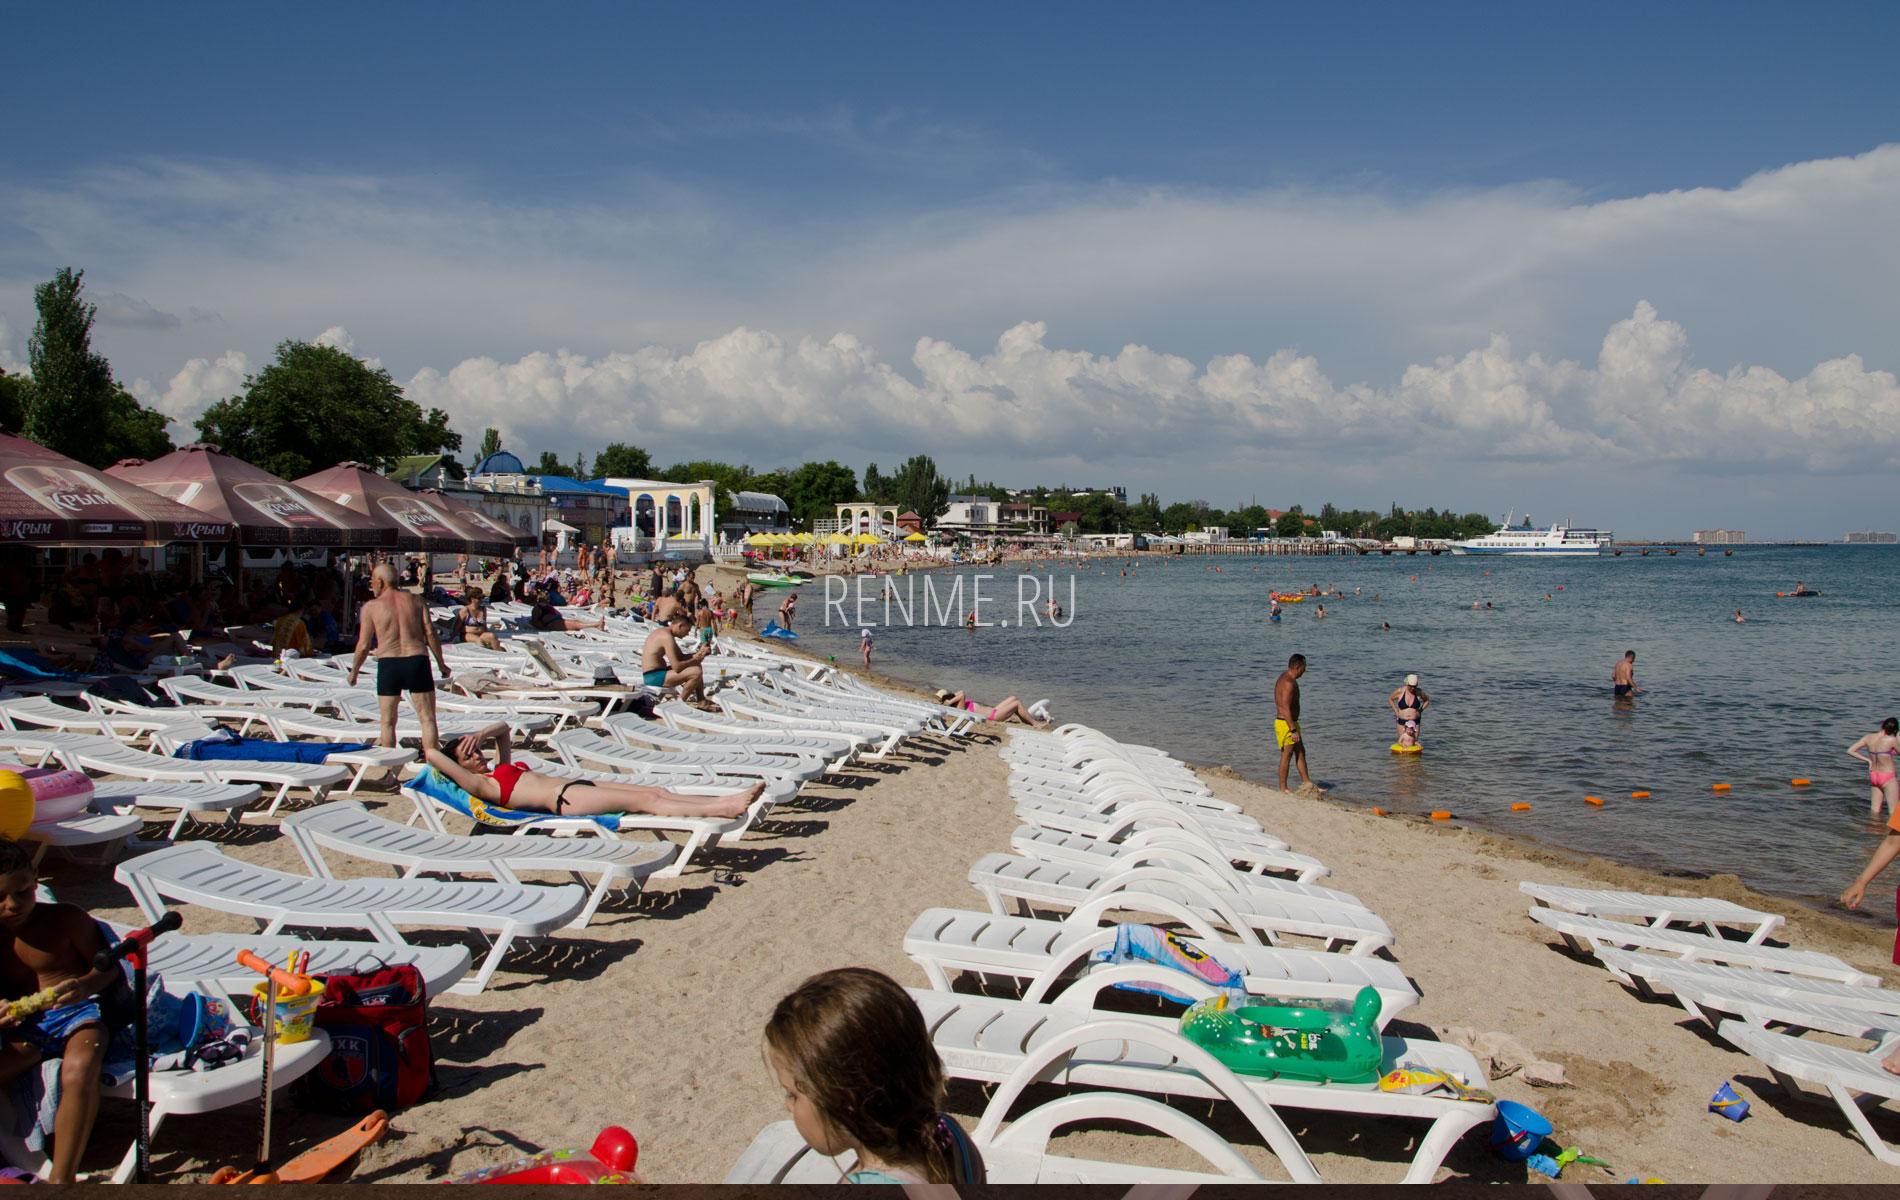 Пляж с лежаками в Евпатории летом 2019. Фото Евпатории